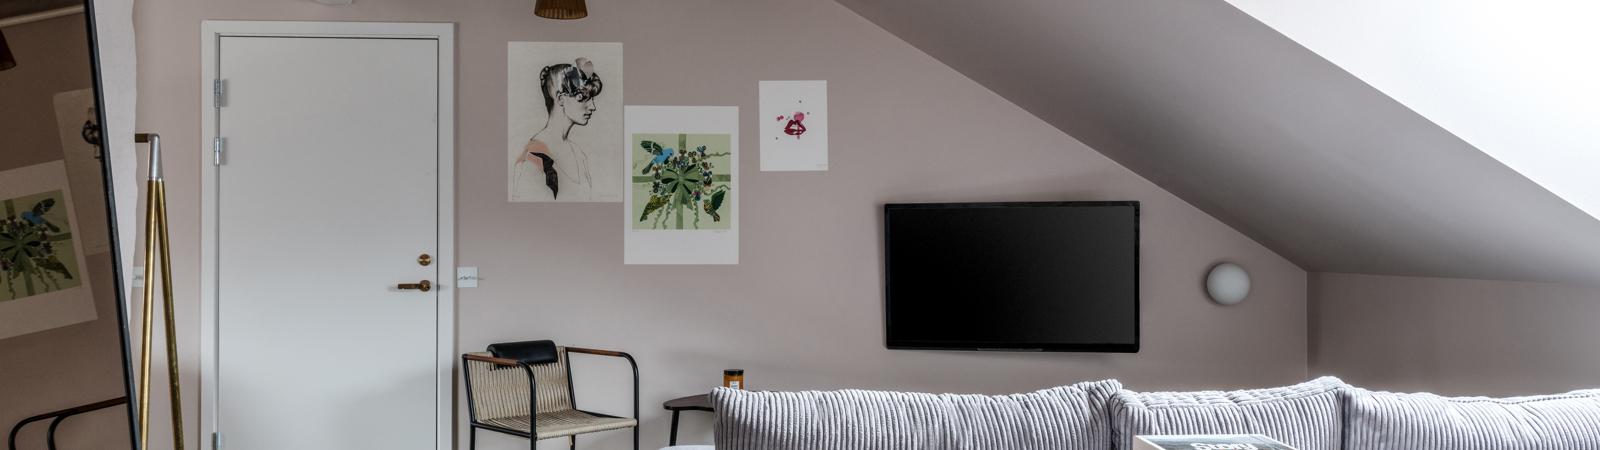 ARNJD-The Attic-Living-Room